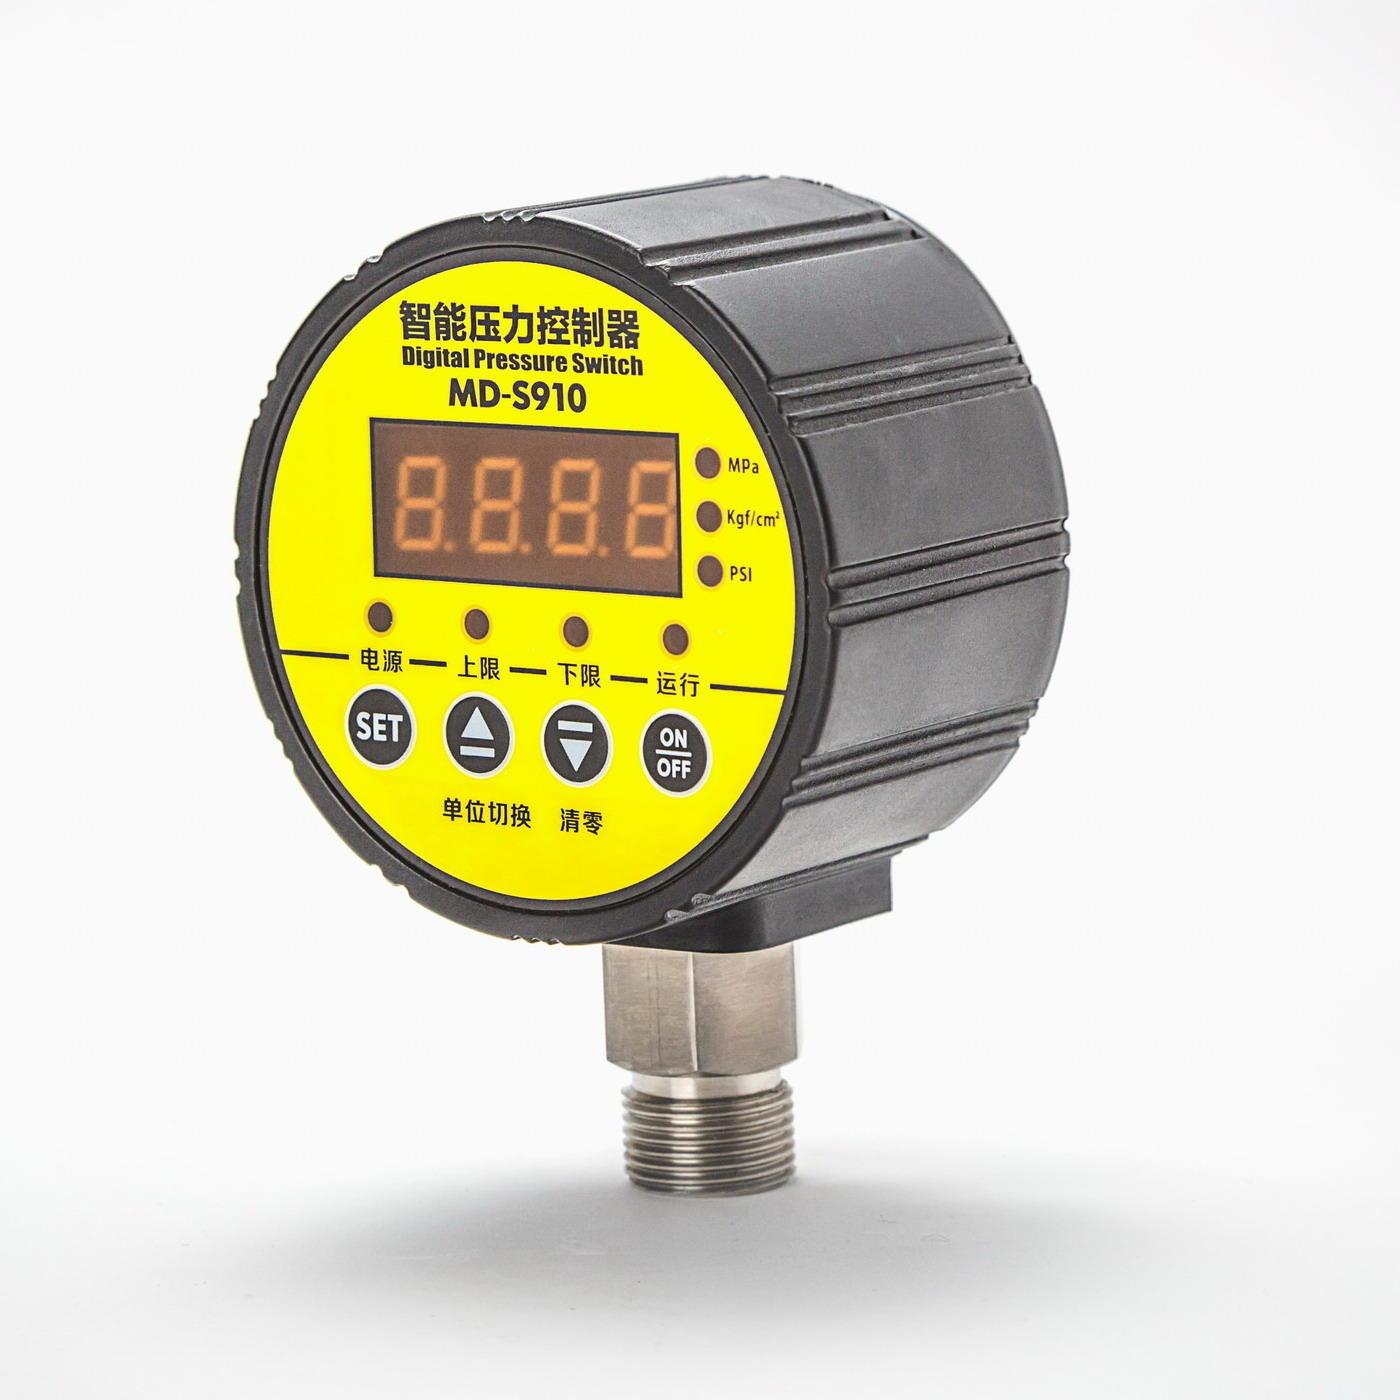 銘控MD-S910水泵壓力控制器代替傳統機械壓力控制器圖片